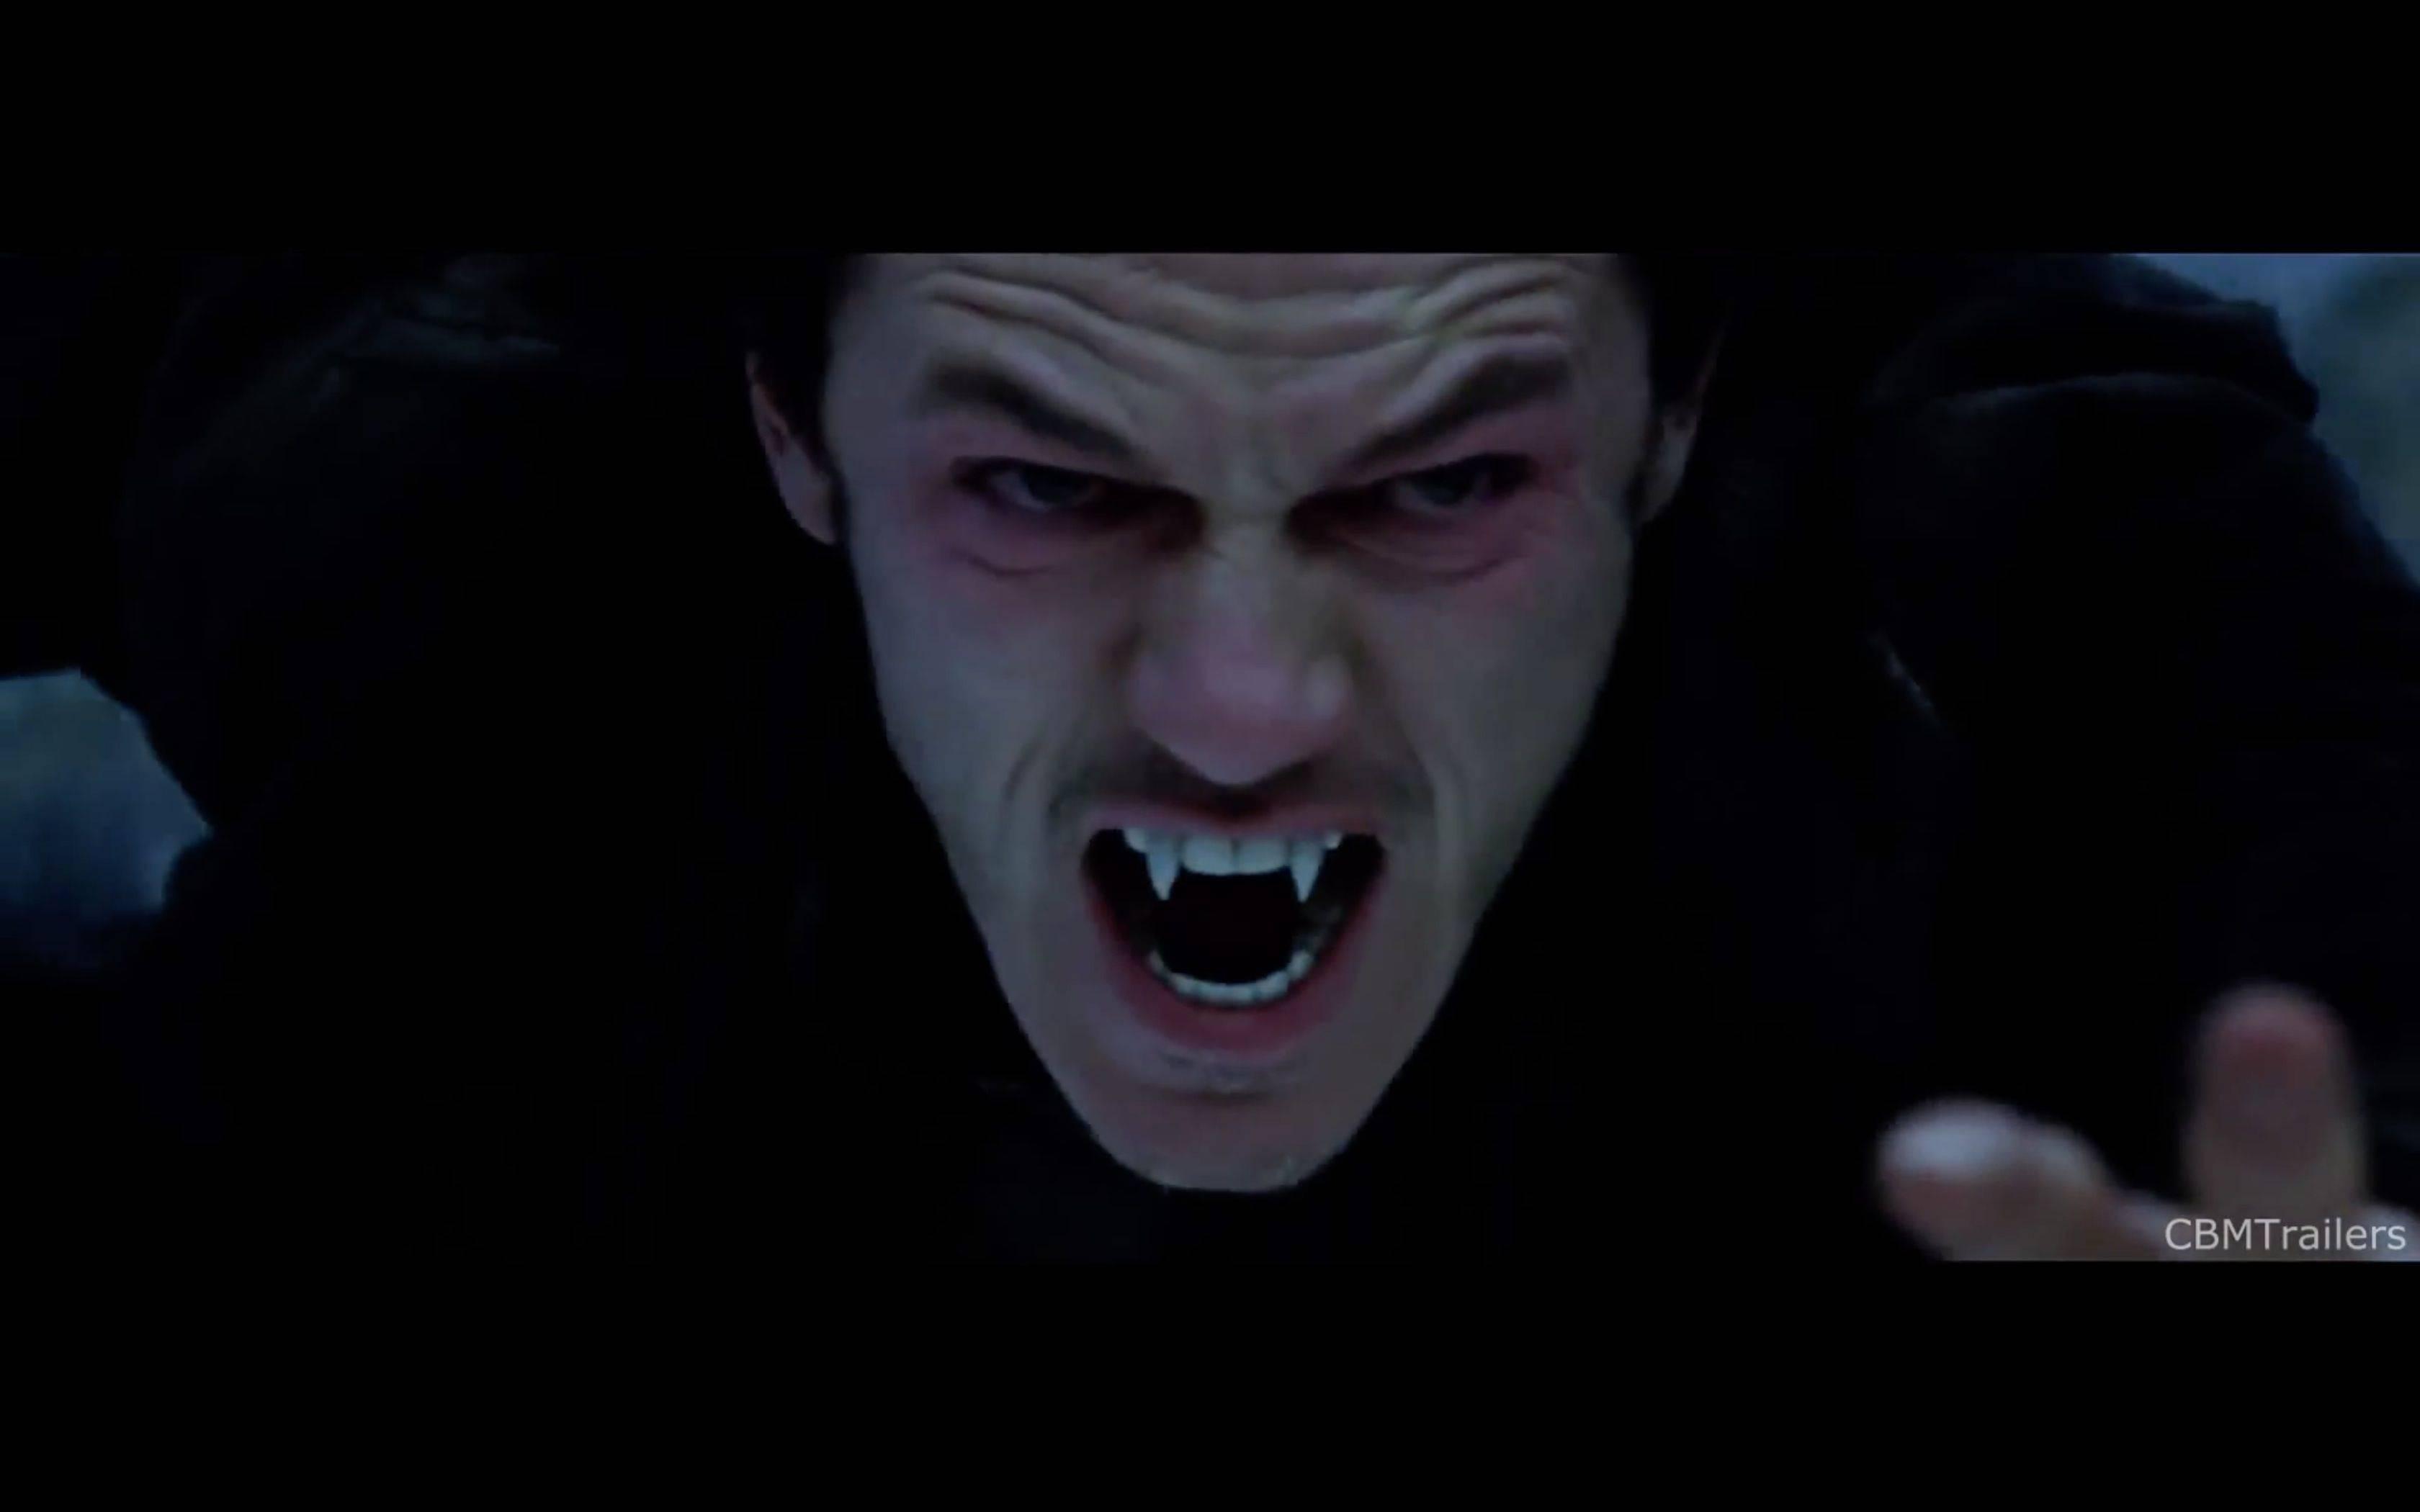 Как стать похожим на вампира - братство вампиров vampirov.net